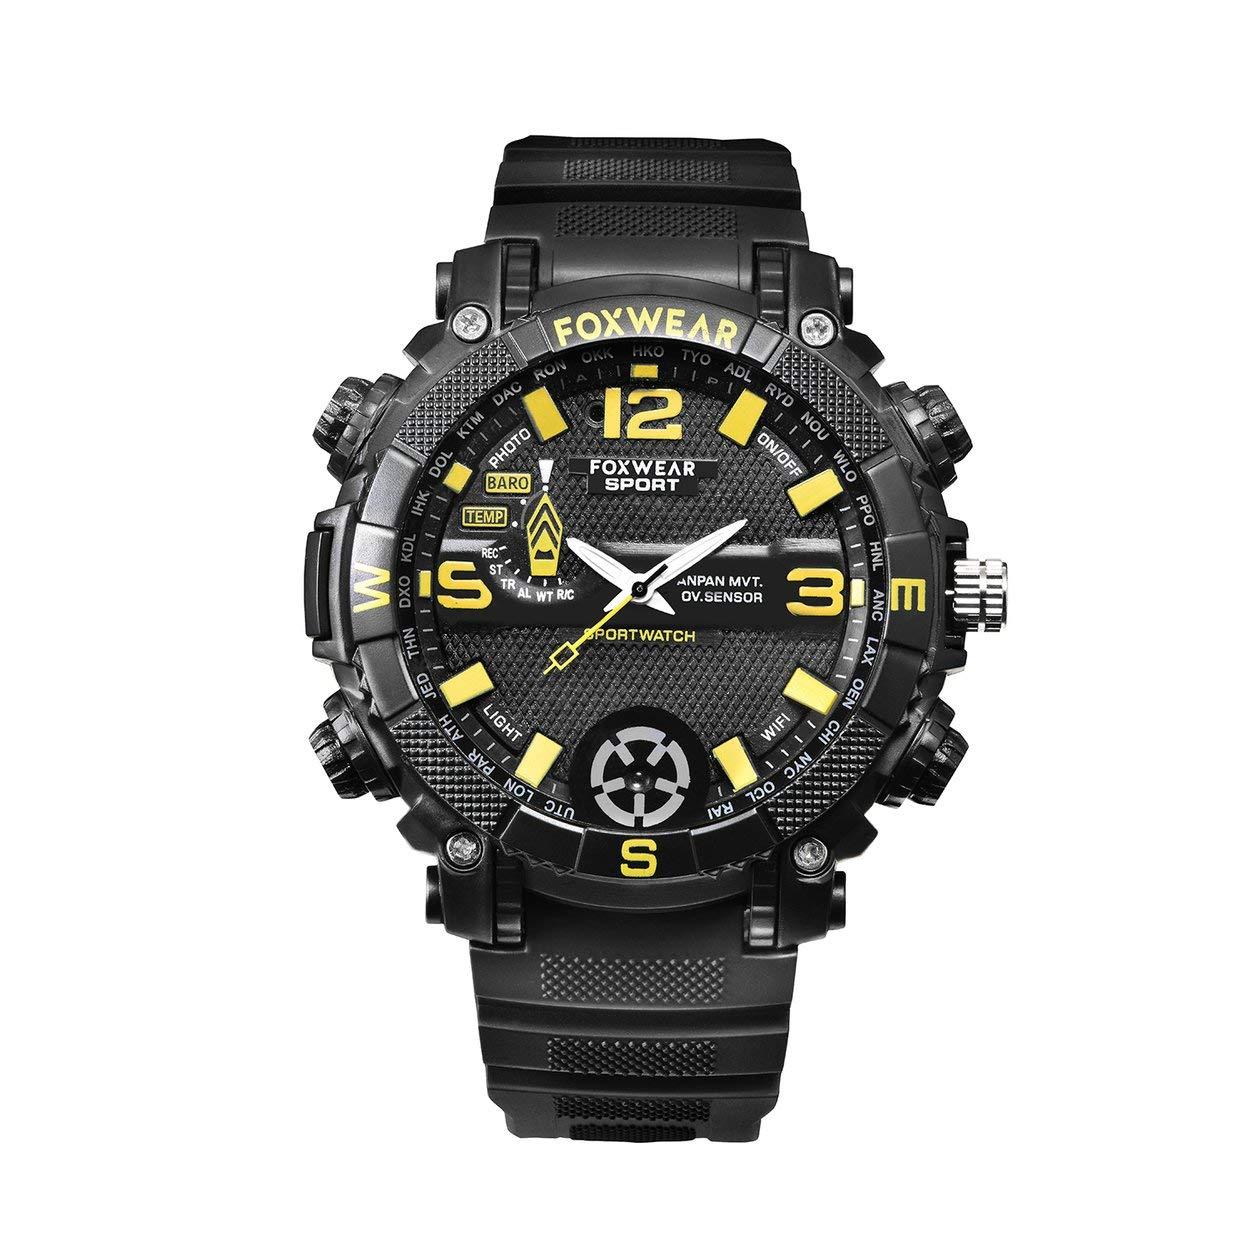 Foxwear sport all'aria aperta intelligente orologio fotocamera WiFi moda illuminazione a distanza LED,nero